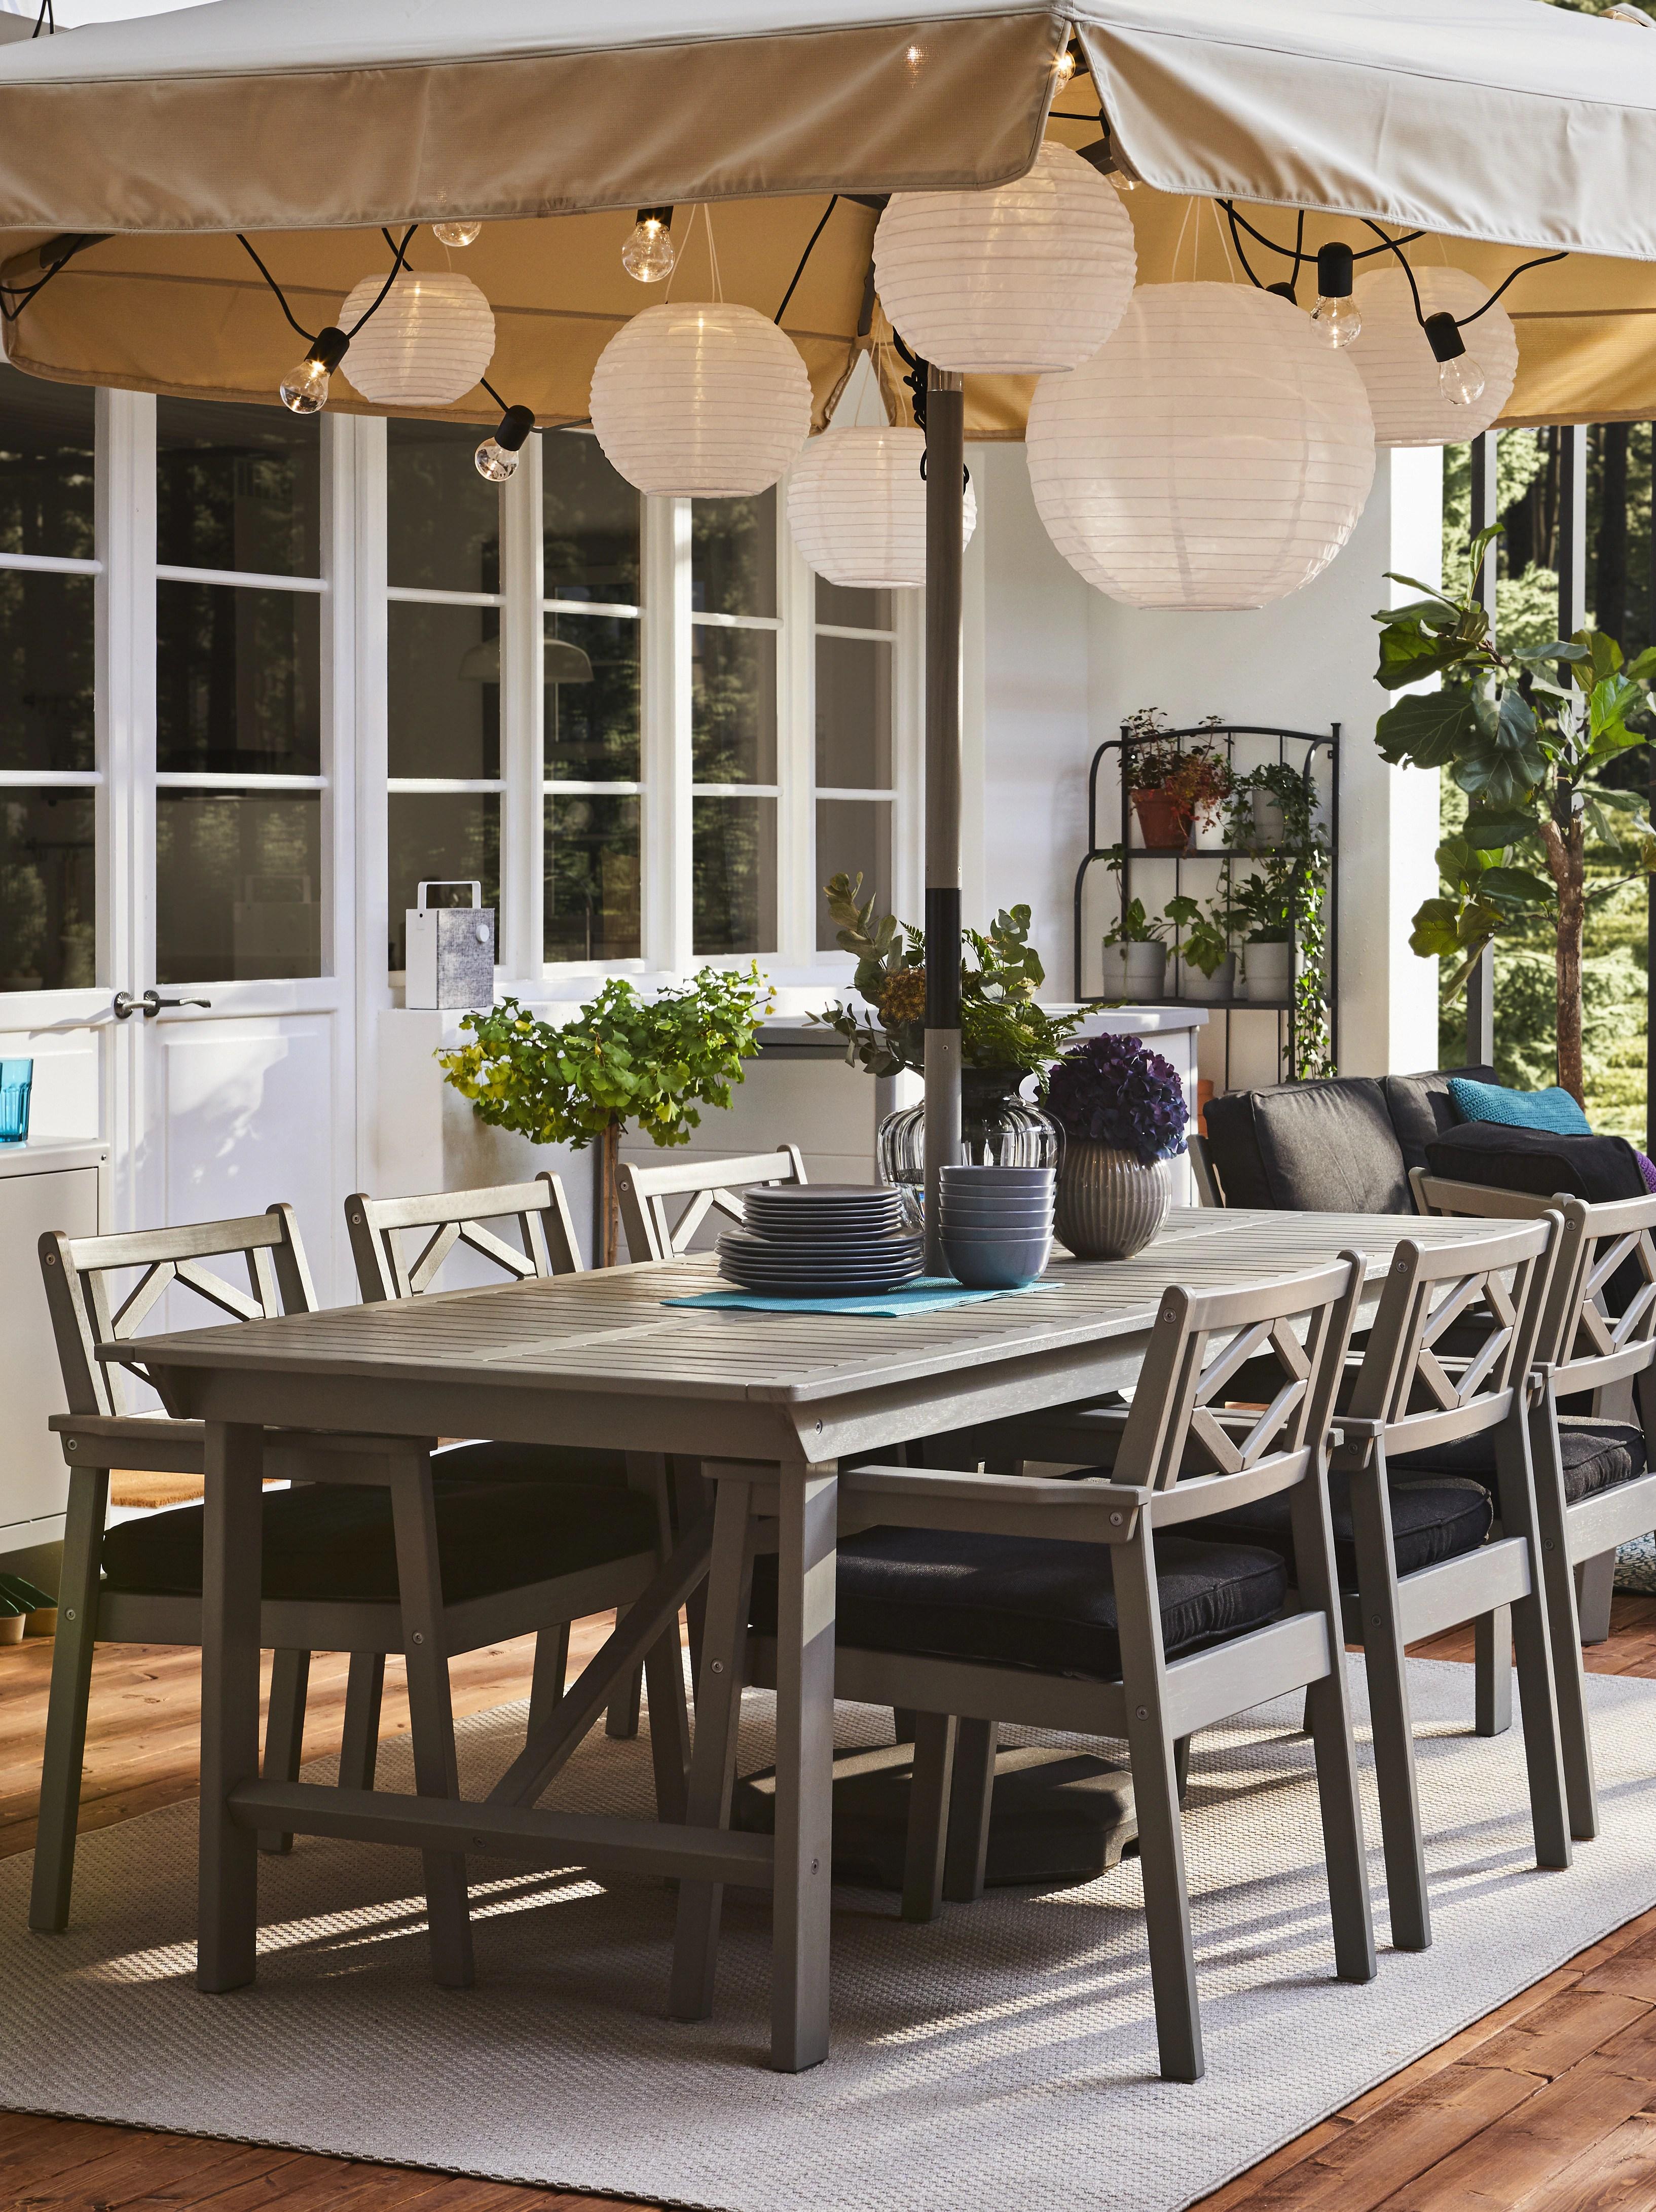 tavoli da giardino prezzi e offerte online leroy merlin 2. Sedie Sgabelli E Poltrone Da Esterno Ikea Svizzera